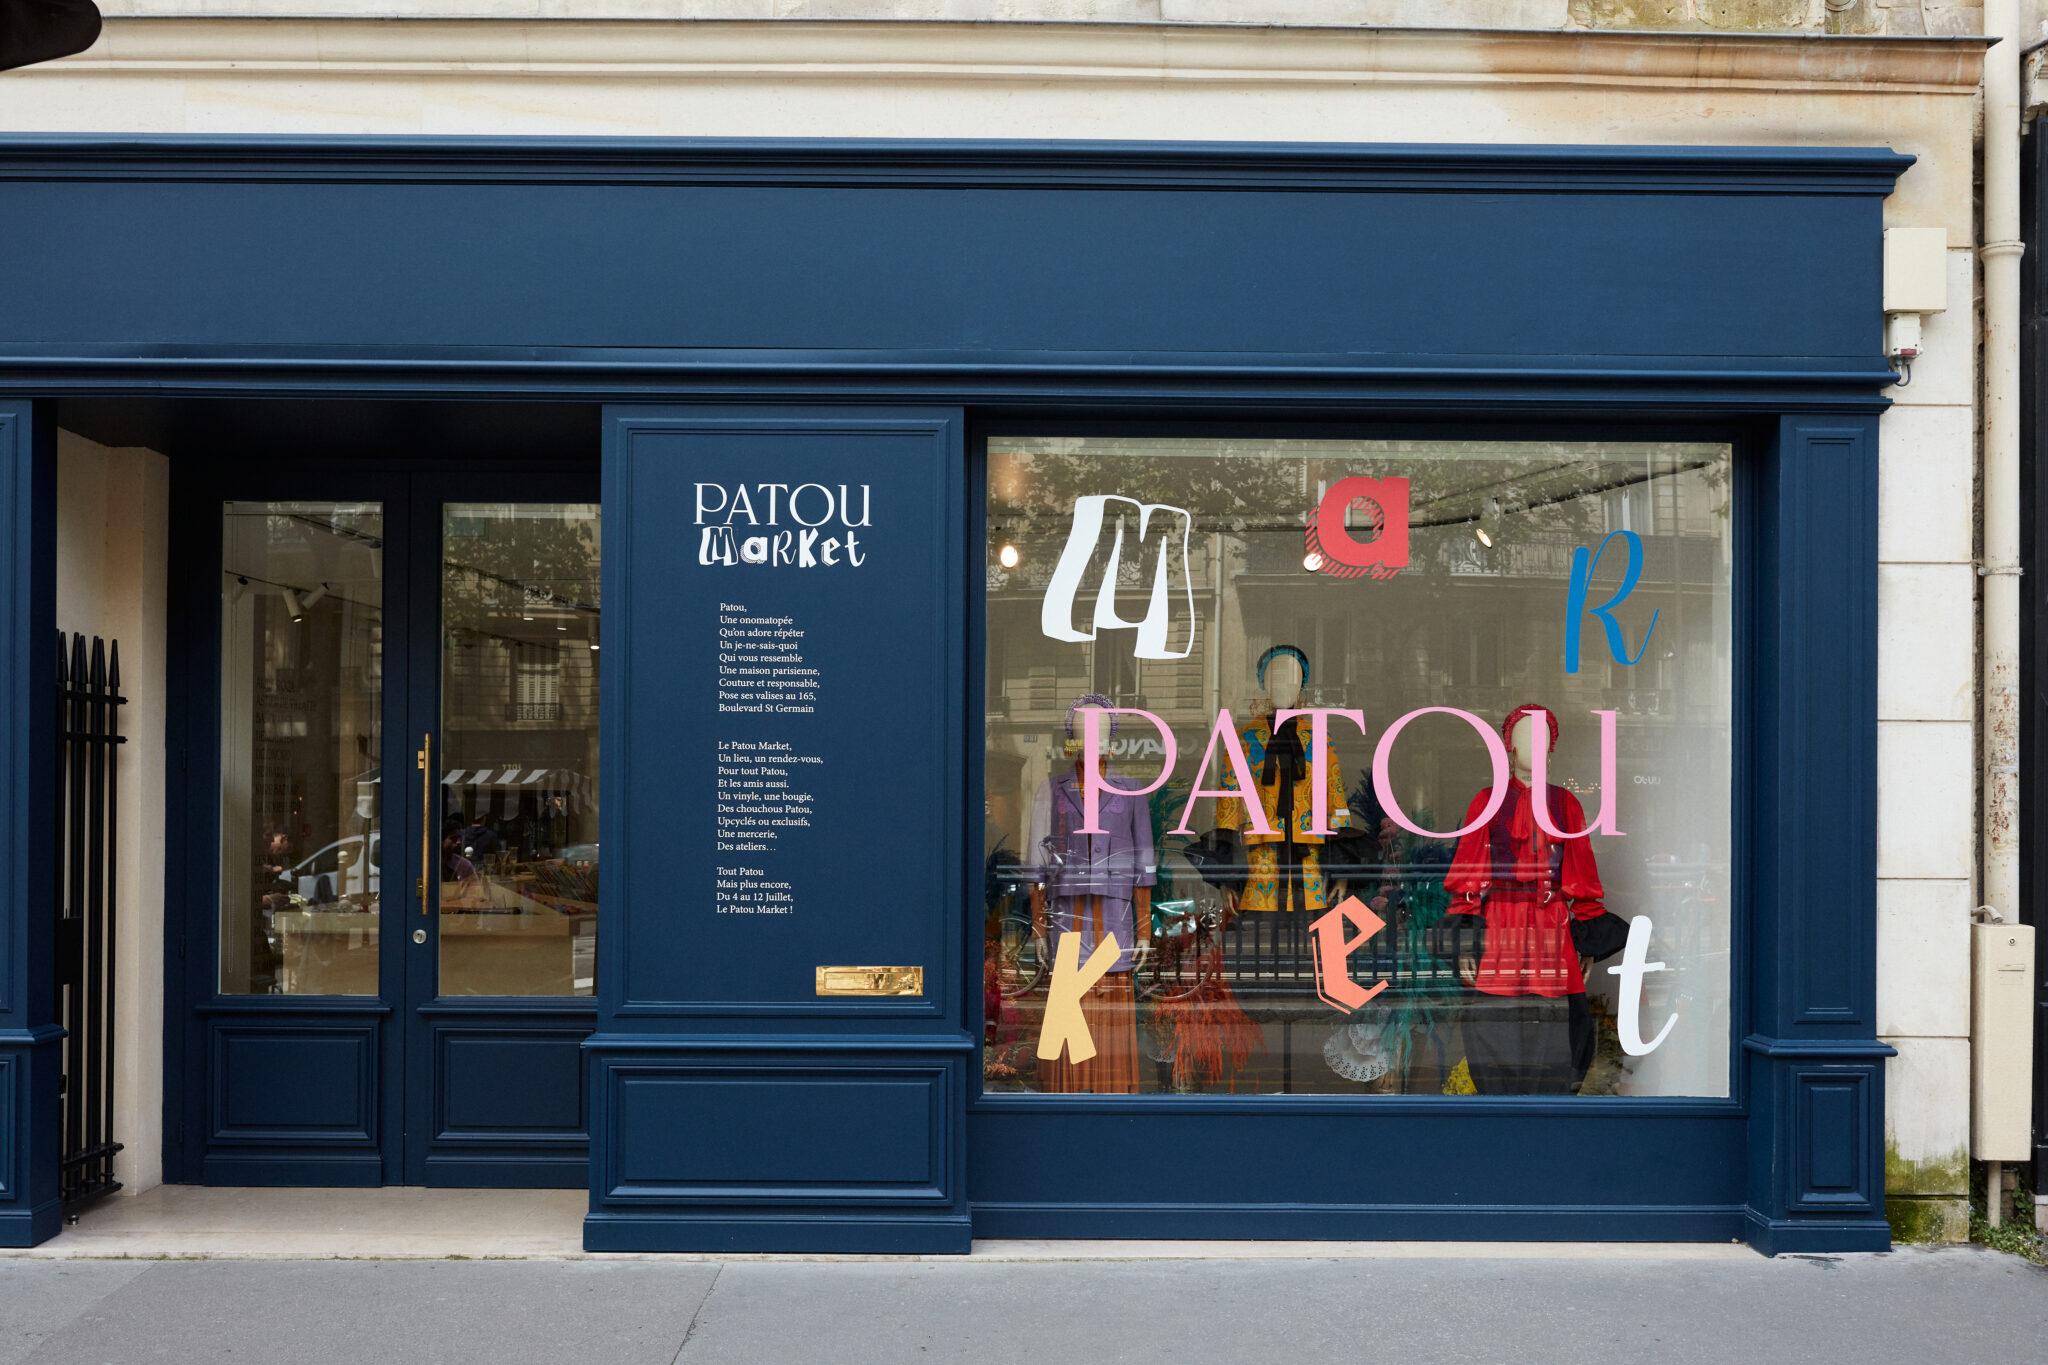 la-soufflerie-patou-pop-up-shop-paris-saint-germain-store-front-collaboration